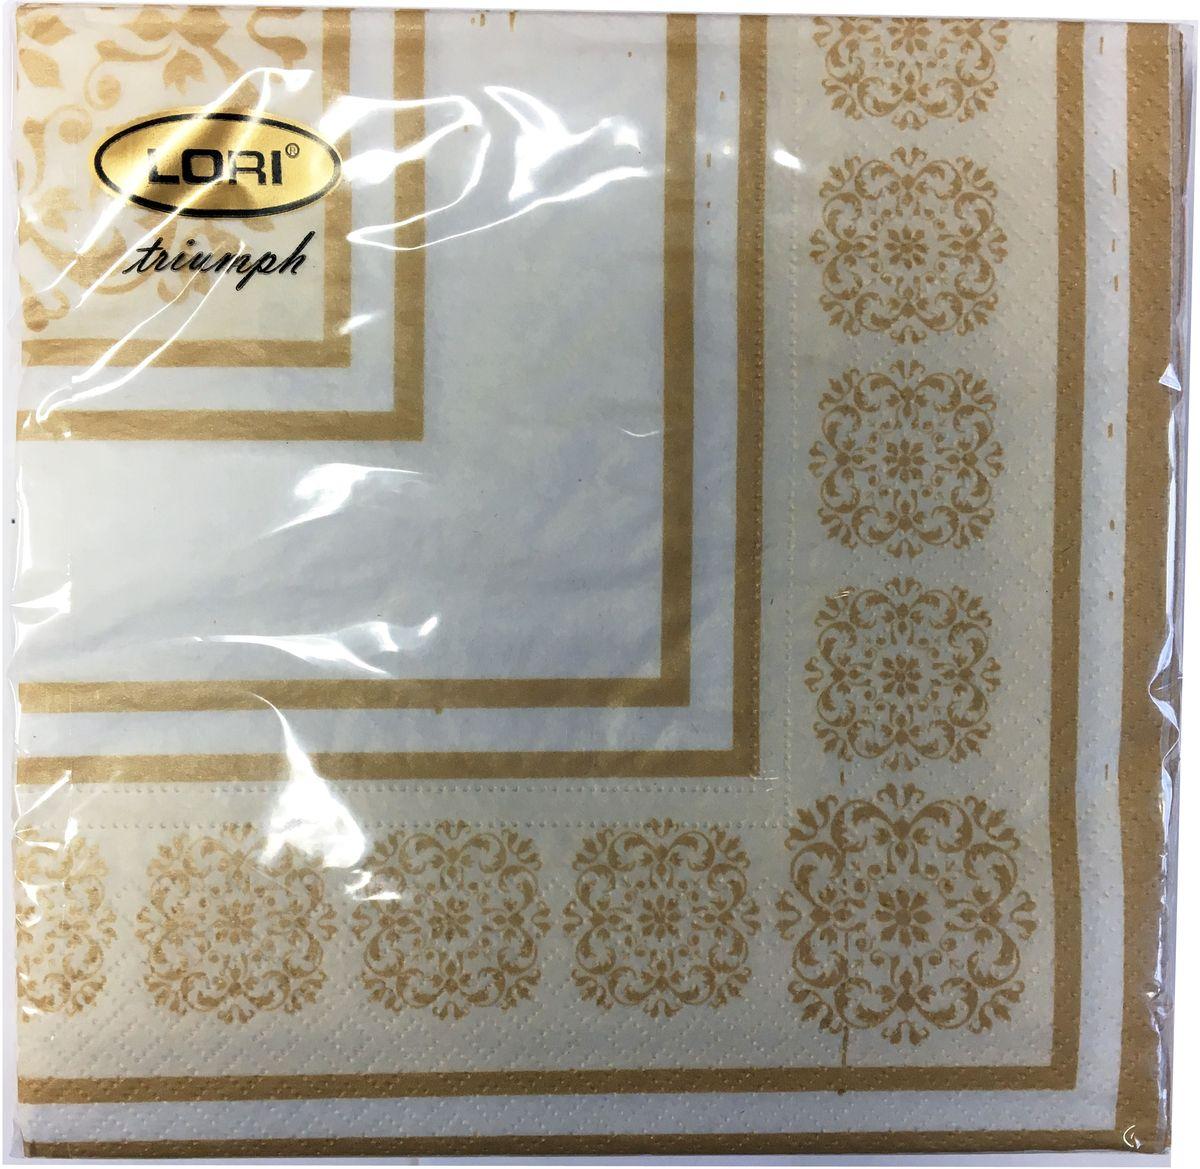 Салфетки бумажные Lori Triumph, трехслойные, цвет: коричневый, белый, 33 х 33 см, 20 шт. 5661756617Декоративные трехслойные салфетки Lori Triumph выполнены из 100% целлюлозы и оформлены ярким рисунком. Изделия станут отличным дополнением любого праздничного стола. Они отличаются необычной мягкостью, прочностью и оригинальностью. Размер салфеток в развернутом виде: 33 х 33 см.